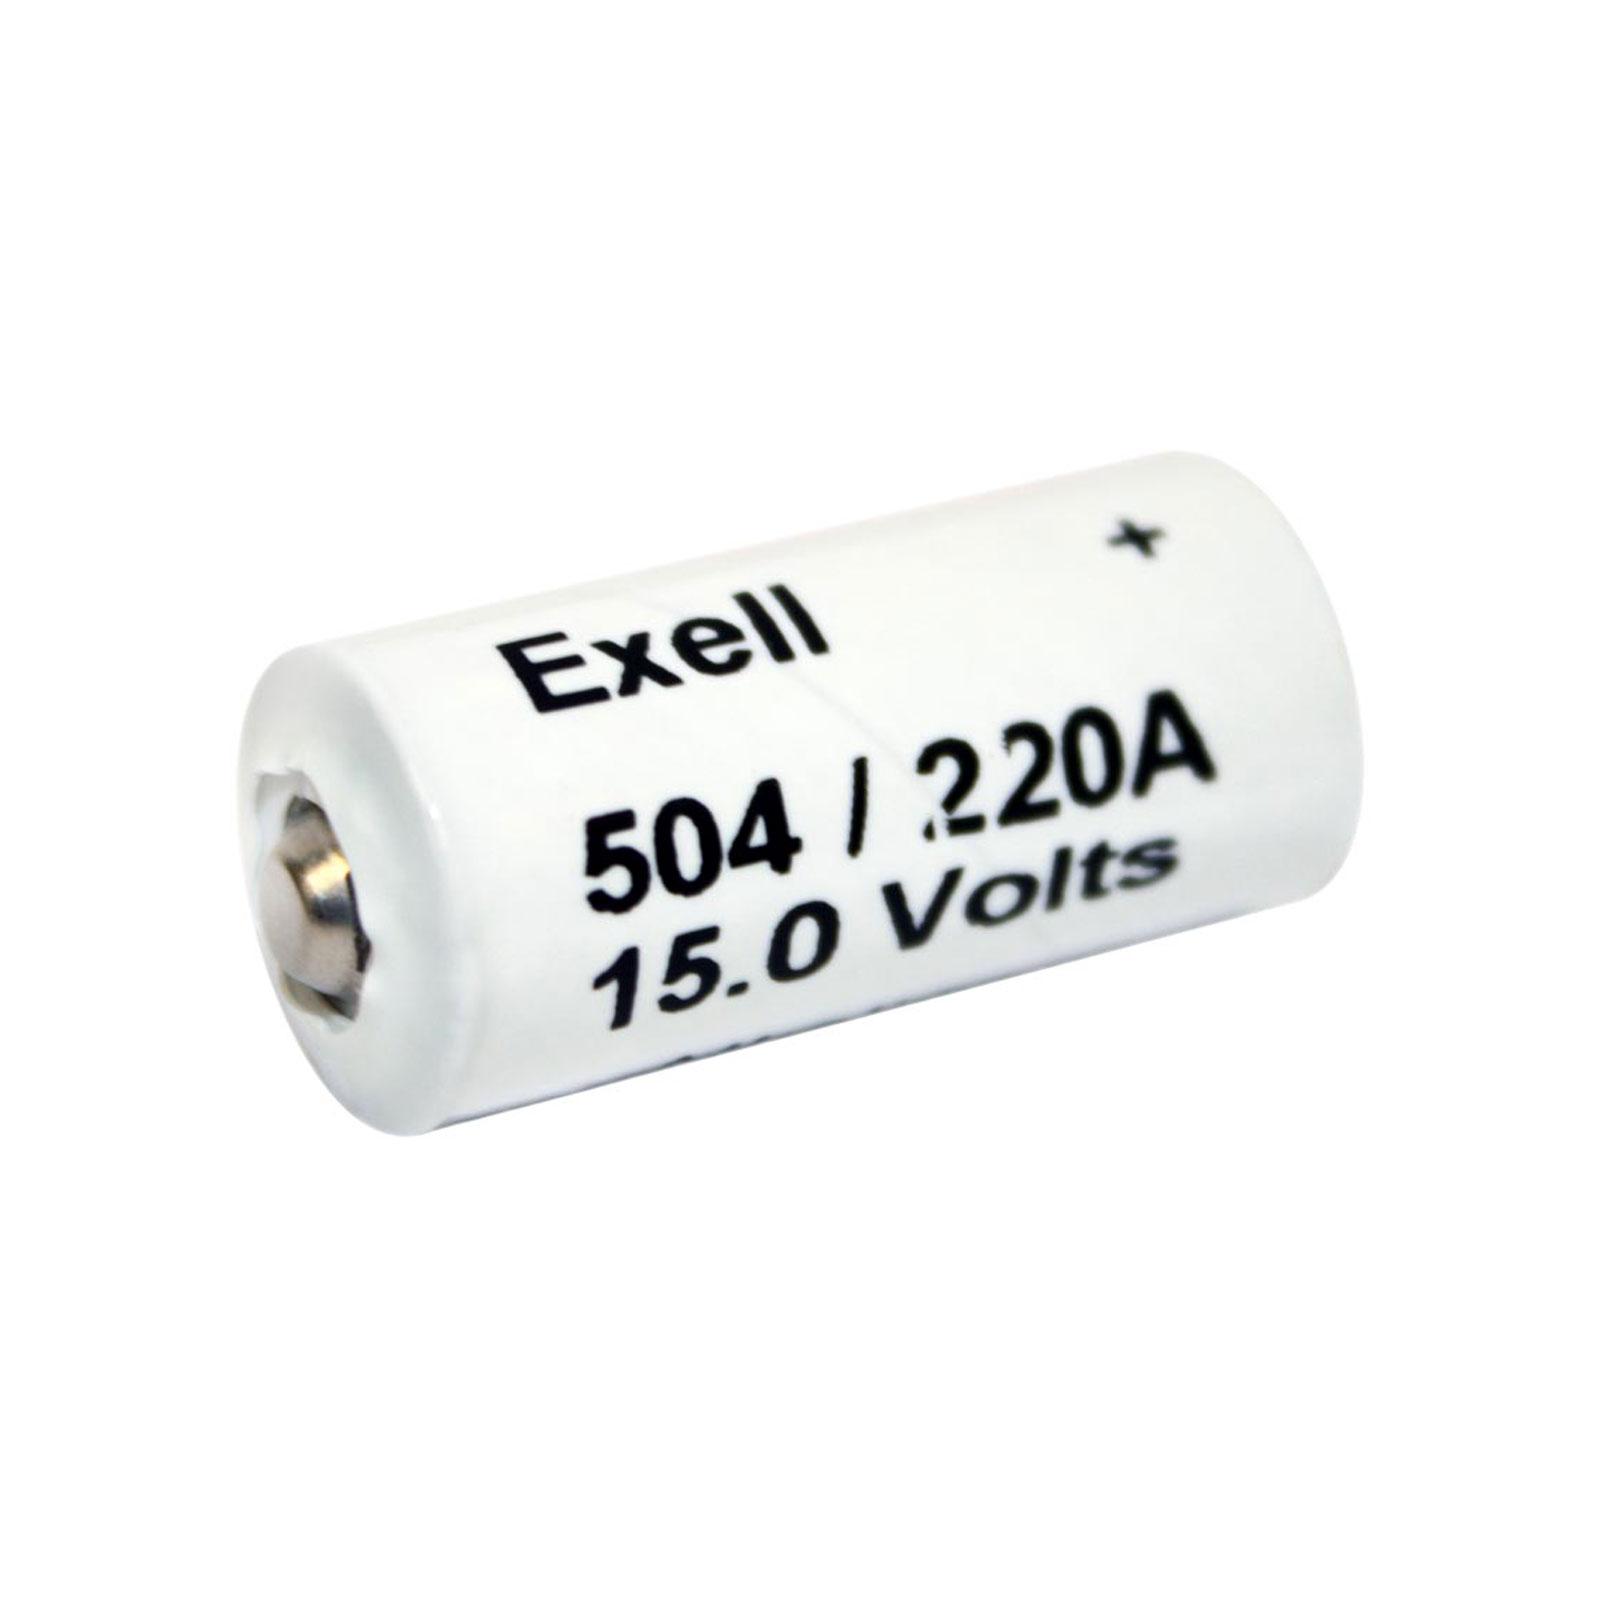 Exell battery a220504a fits morini cm84e cm84el free pistols fast exell battery a220504a fits morini cm84e cm84el free pistols fast ship fandeluxe Choice Image